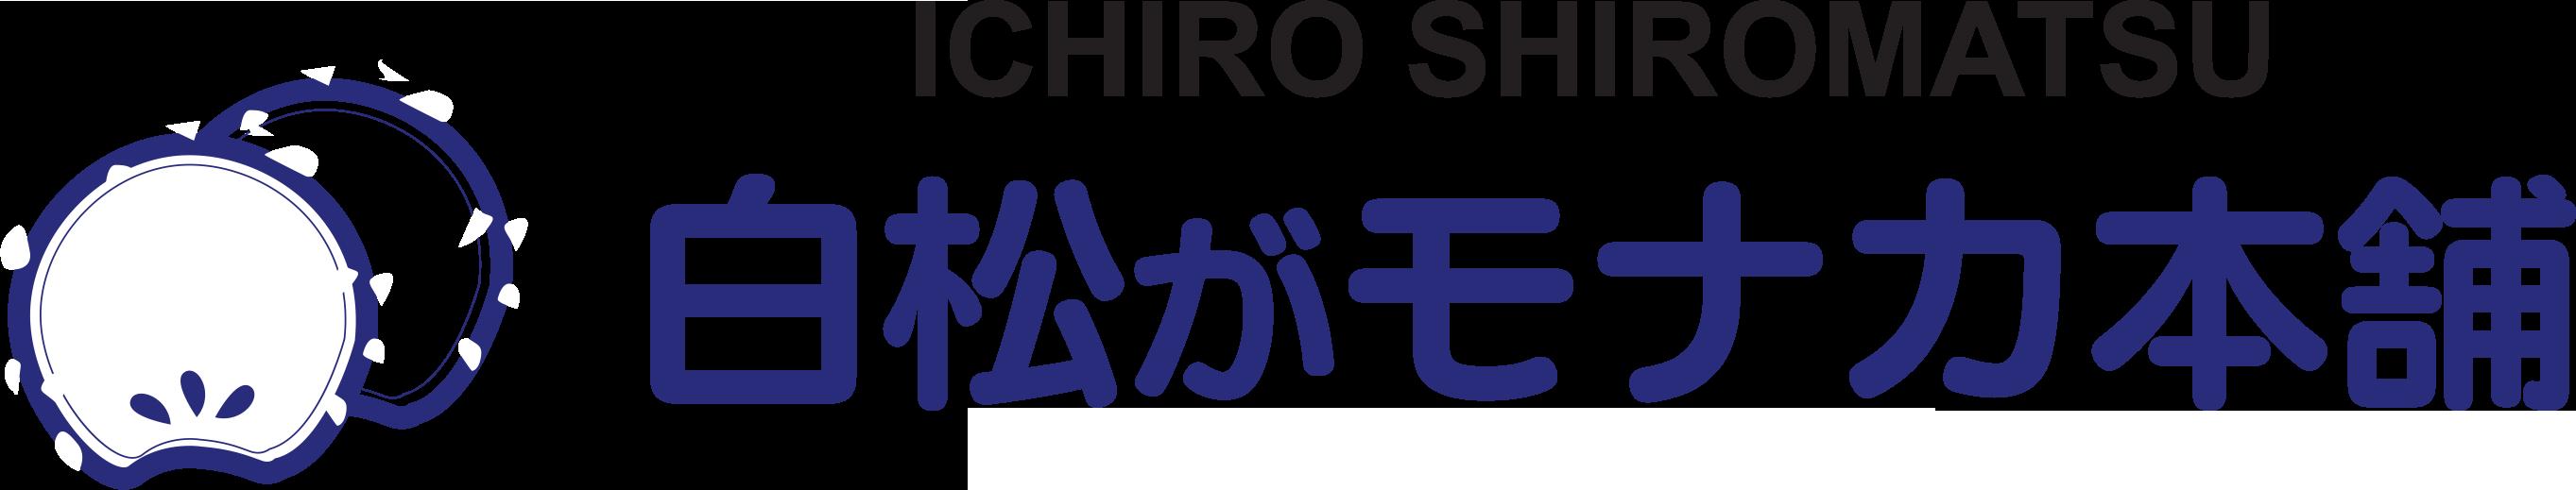 Ichiro-Shiromatsu